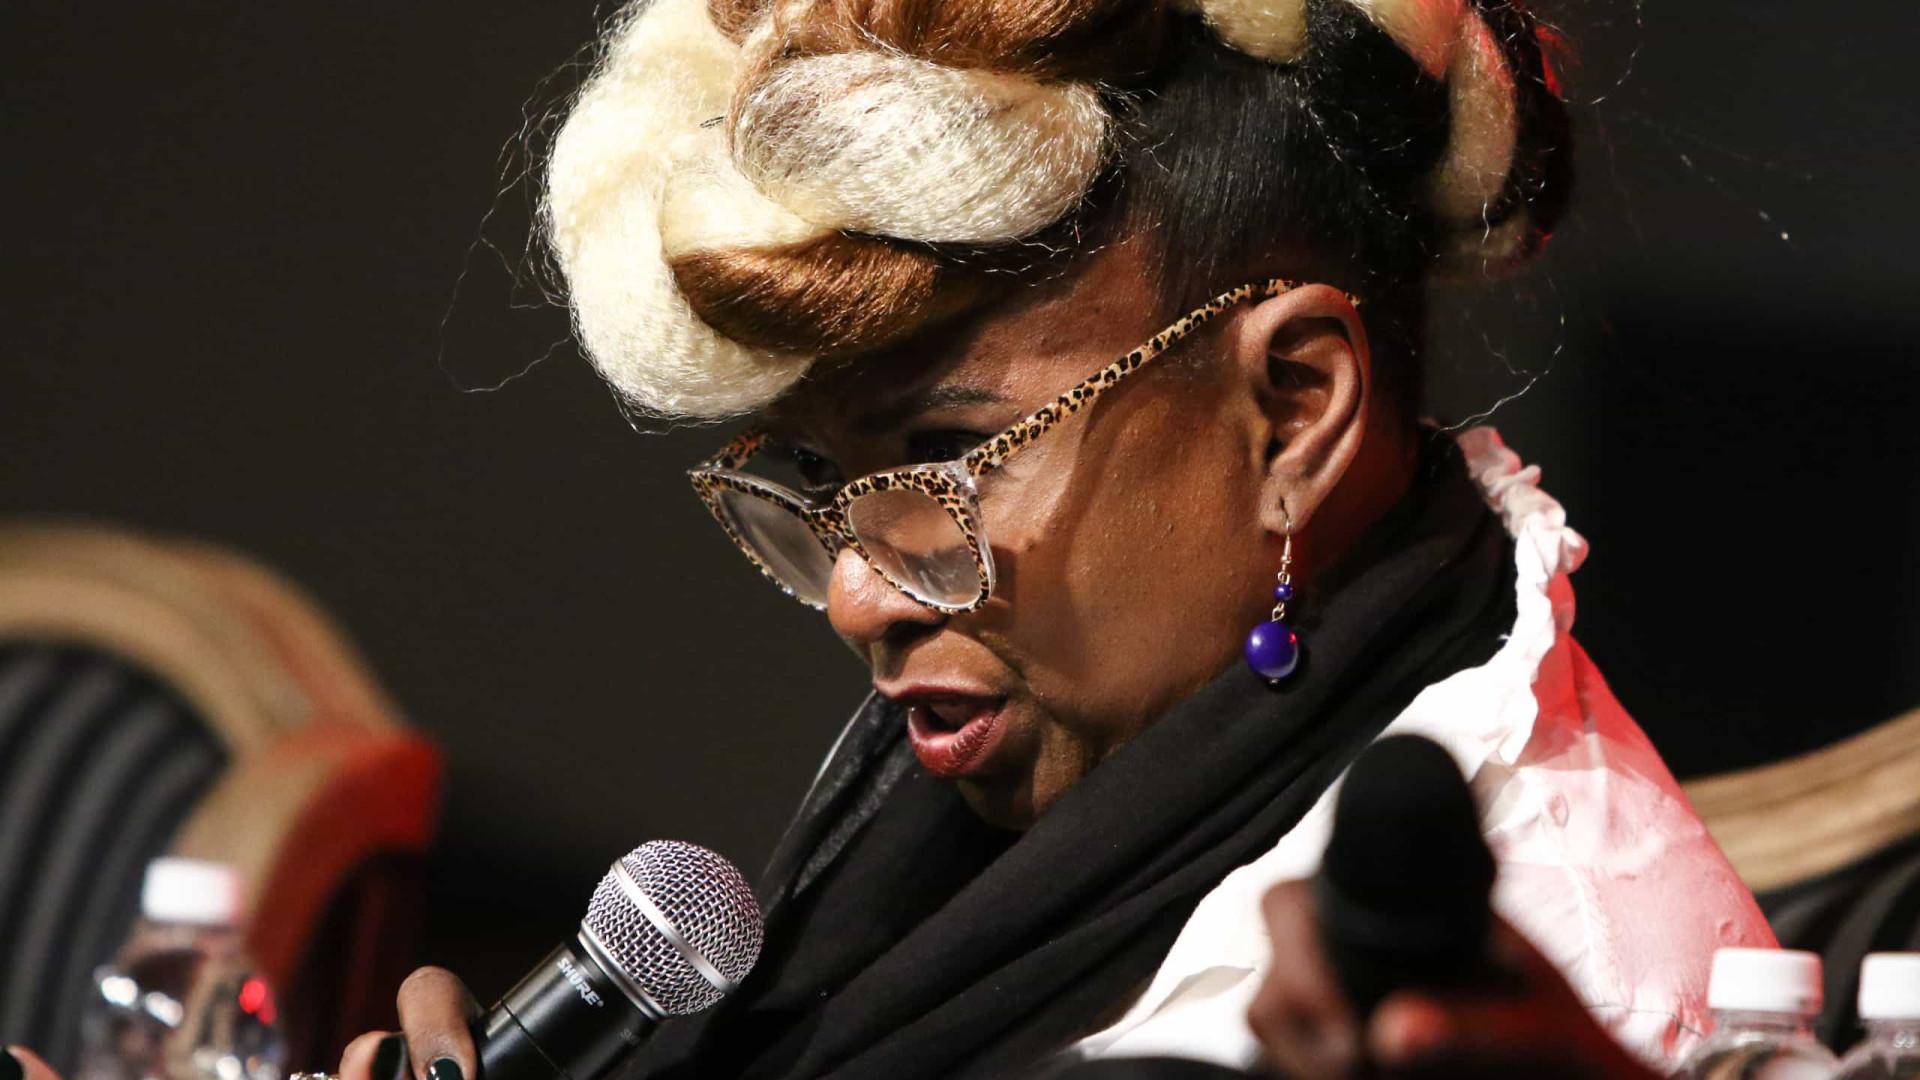 Morre a cantora americana de soul  Betty Wright, aos 66 anos, em Miami